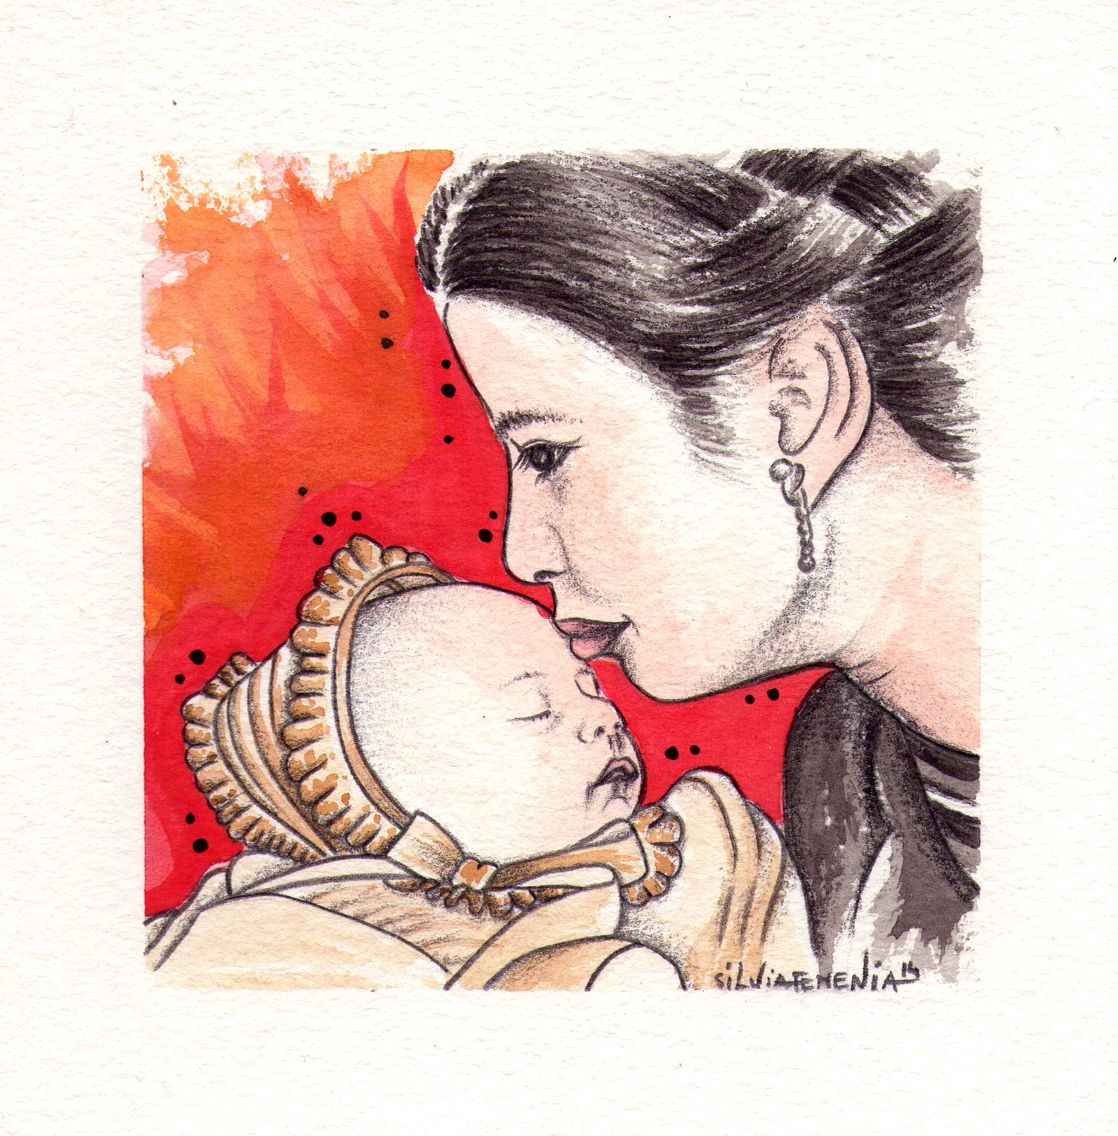 BESAR A MI PRÍNCIPE Un beso  es la expresión mas hermosa  que existe para demostrar nuestro amor.   Besar a mi príncipe  es el mejor gesto que tengo para darle el cariño y el afecto que mi pequeño necesita. Para que sepa  que estoy a su lado,  que lo quiero con locura  y que es lo más importante y maravilloso de mi vida.   Dedicada a Vanessa,  por ser una maravillosa madre